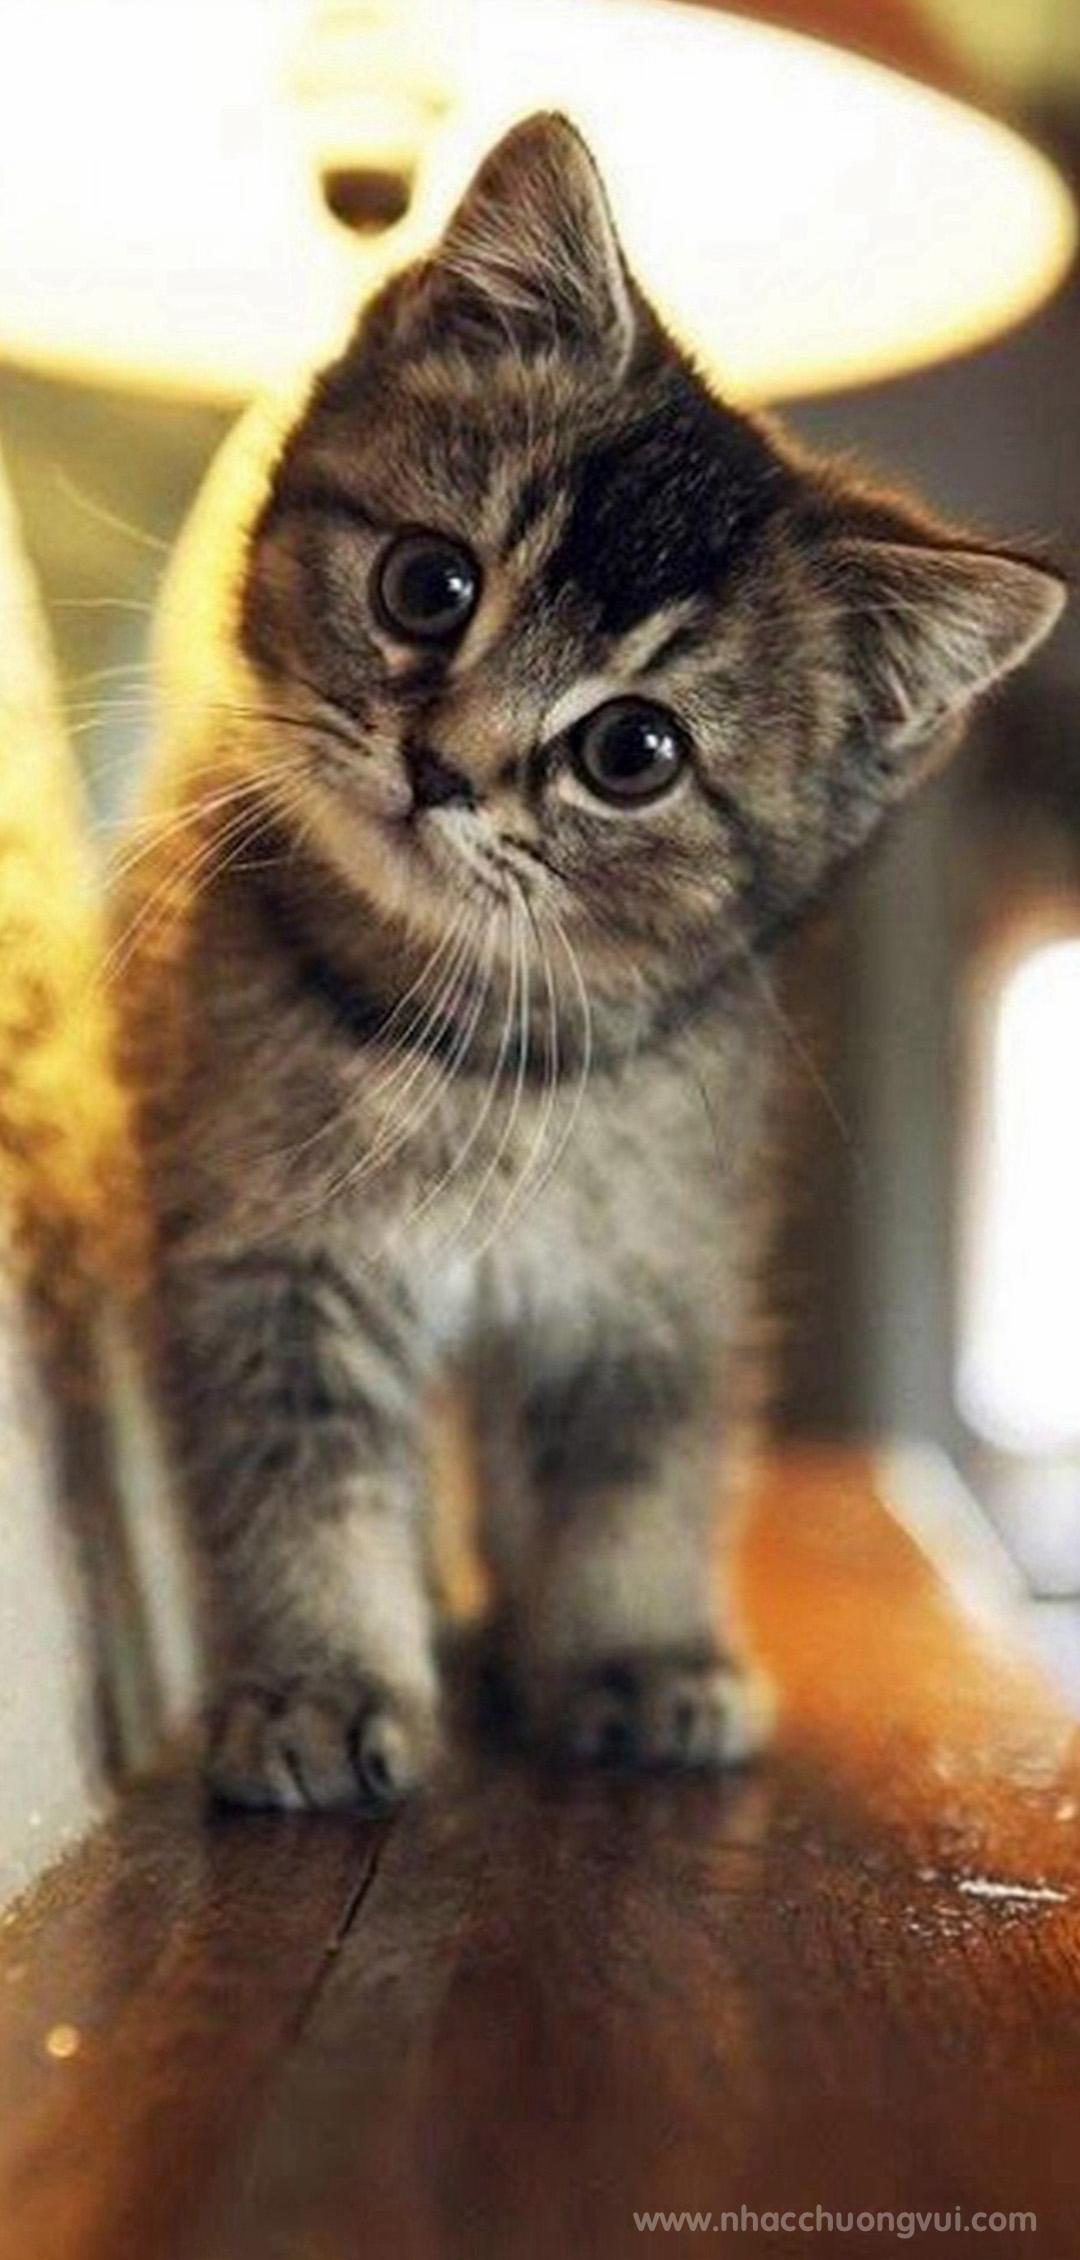 Hình nền mèo cho điện thoại dễ thương nhất 19